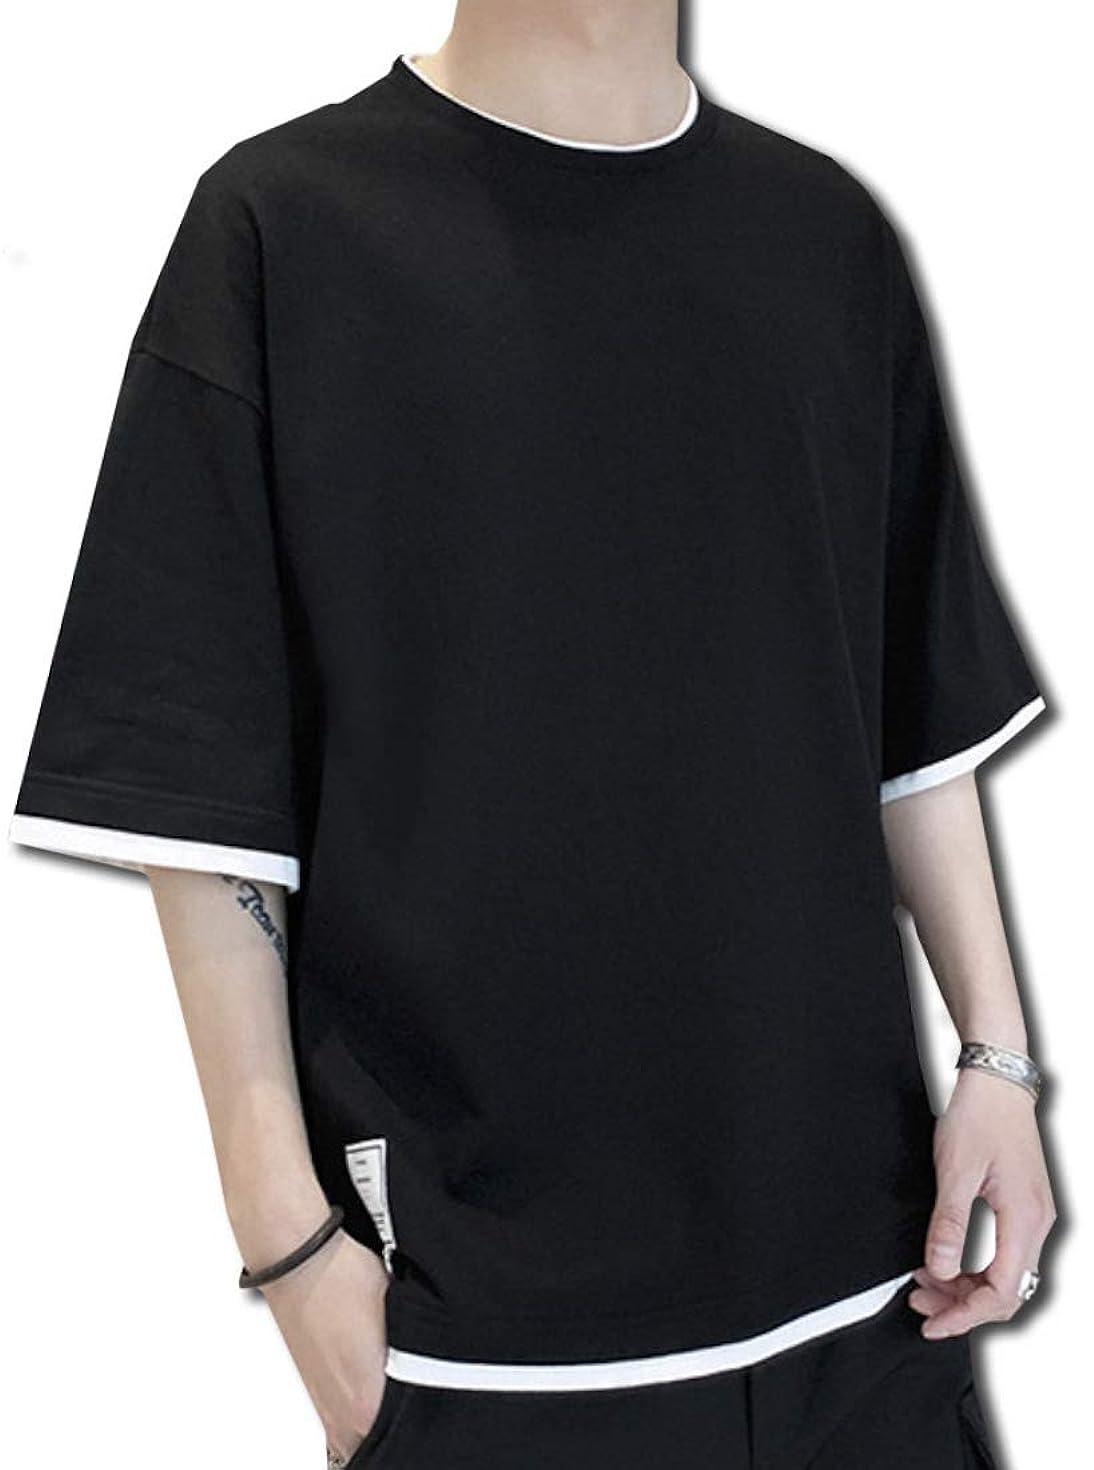 インサート正当化するイライラする[Bolso] 重ね着風 ゆったり シルエット 5分袖 Tシャツ メンズ (ブラック、ホワイト、グレー、グリーン) M ~ XXL